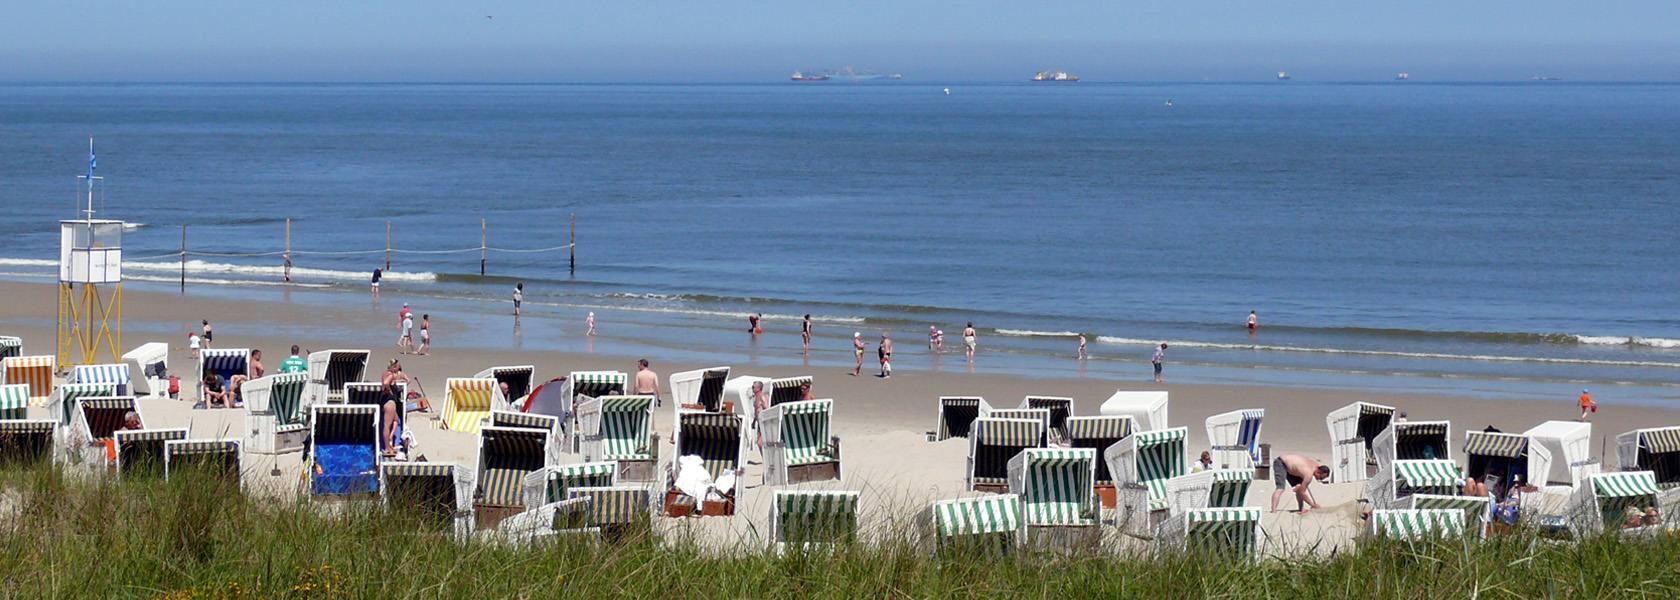 Strand auf Wangerooge, © Die Nordsee GmbH, Katja Benke